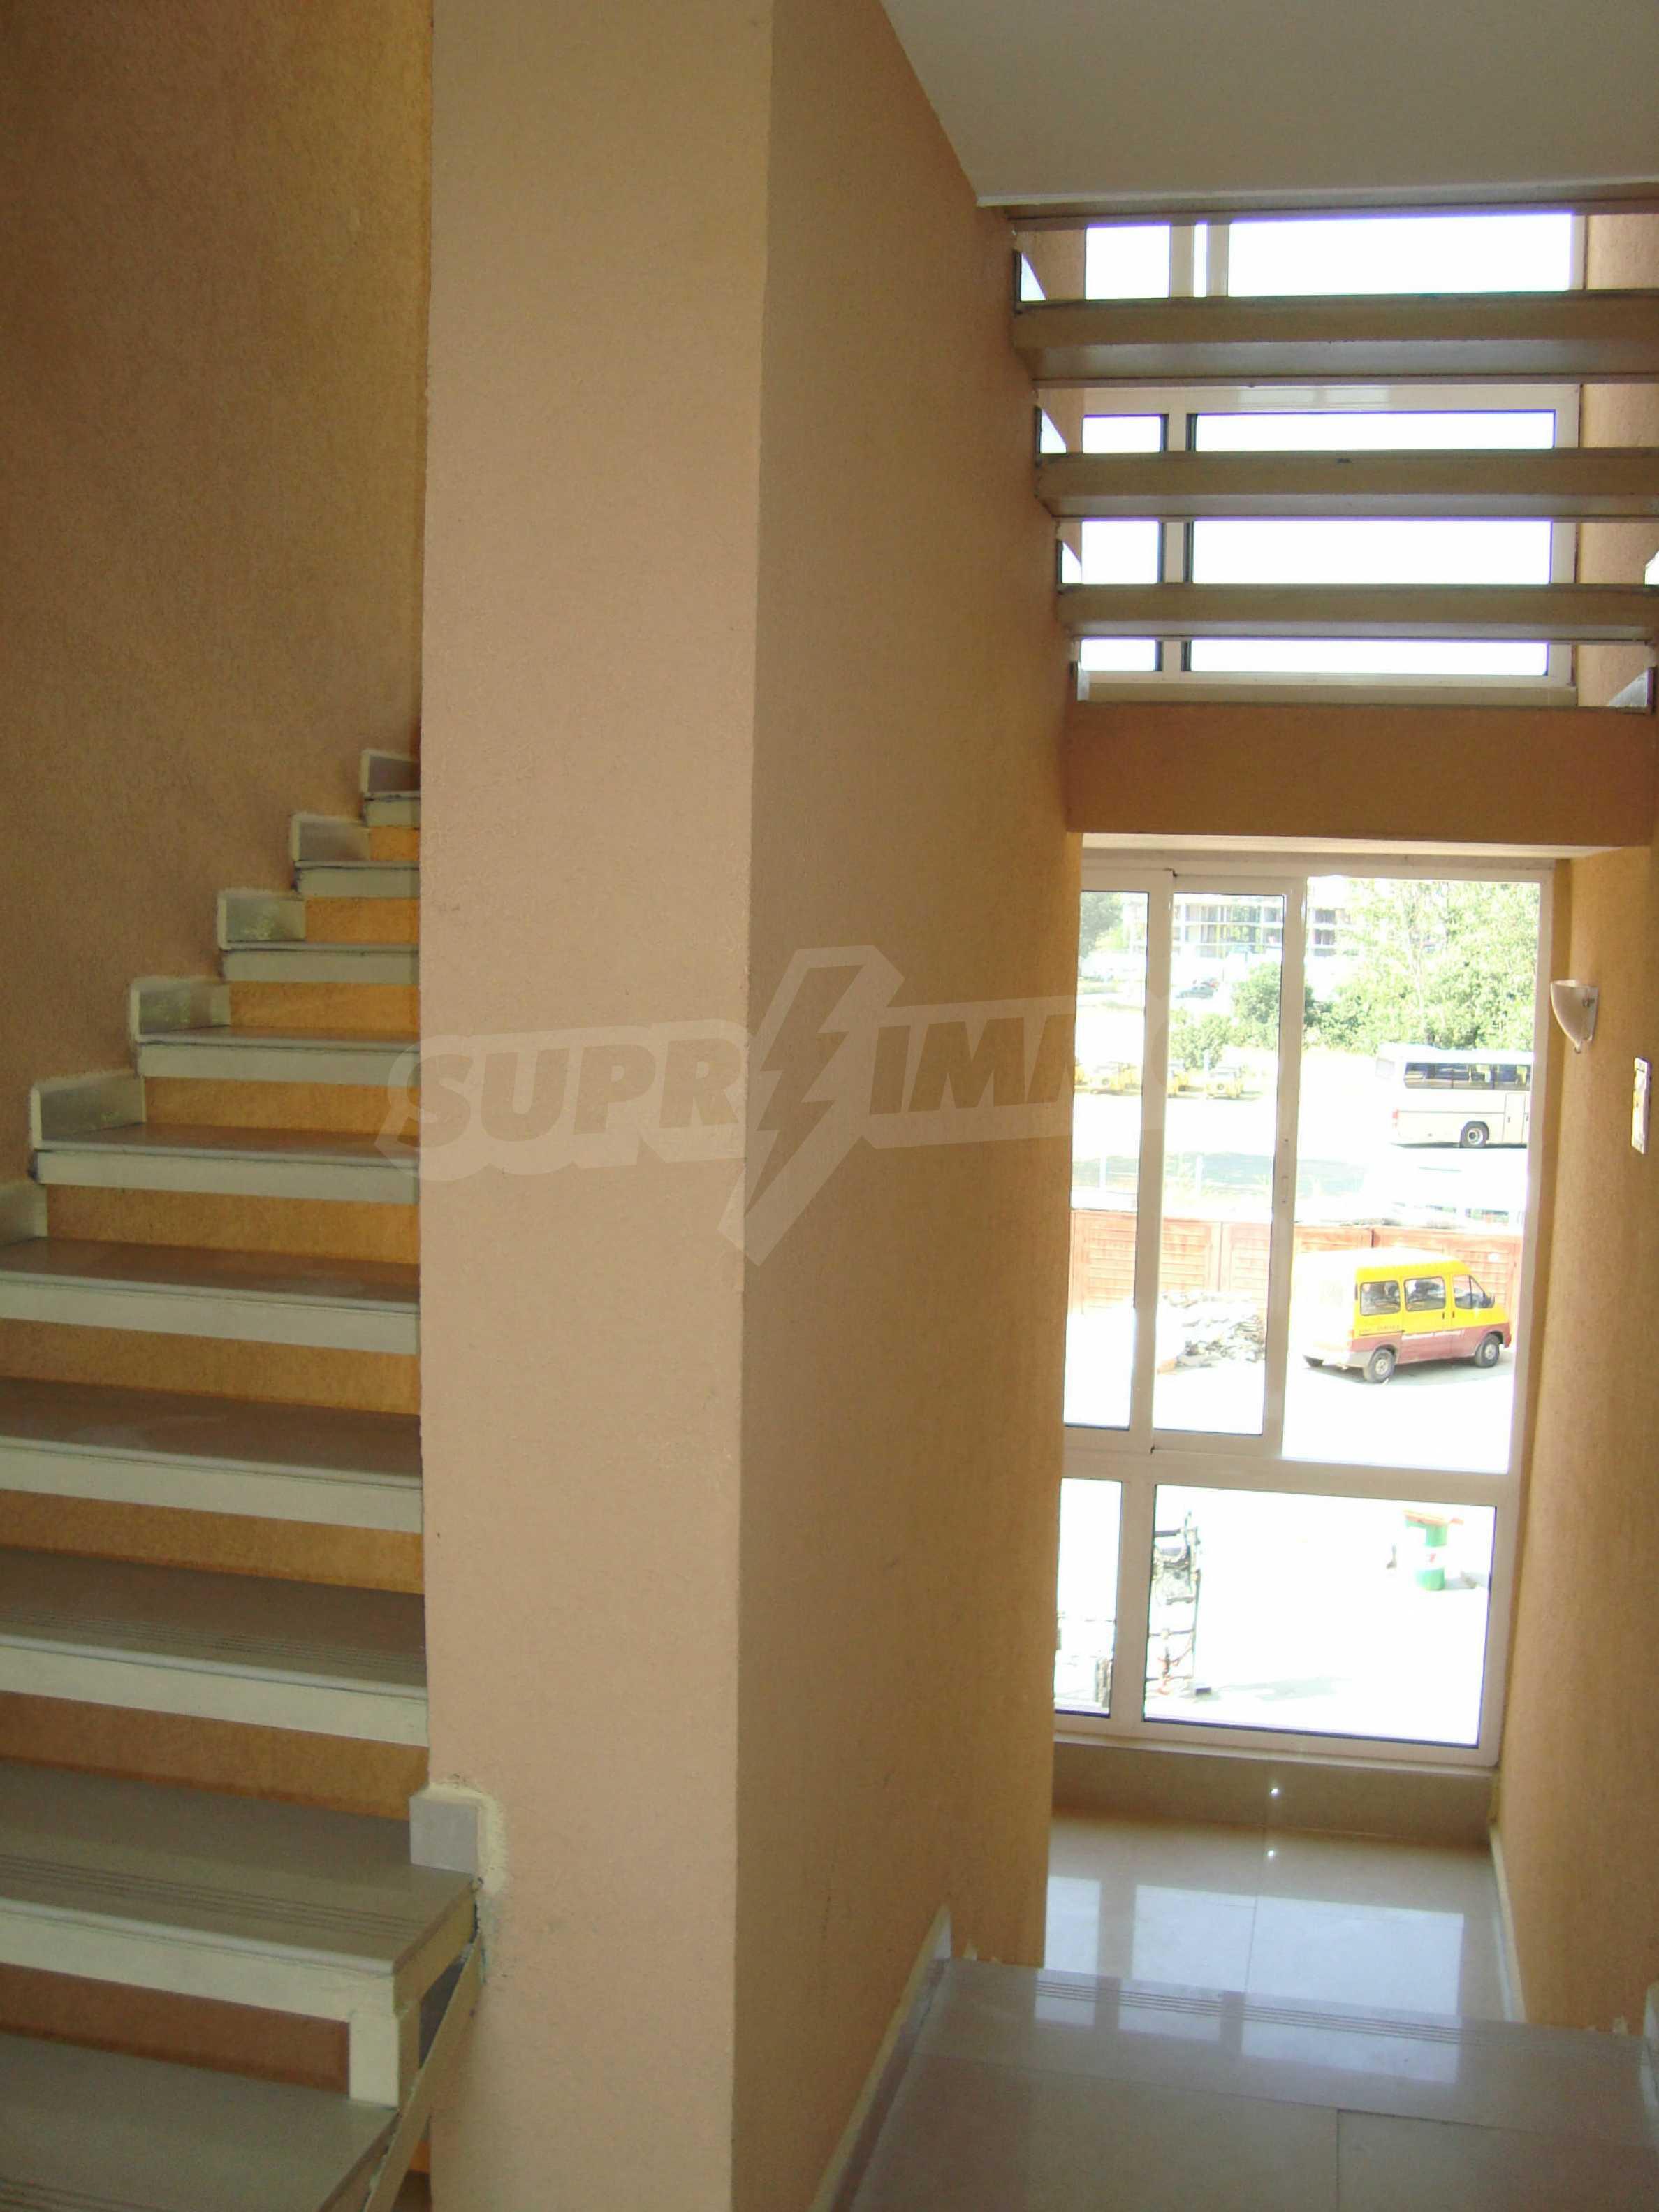 1-bedroom apartment in Kamelia Gardens complex in Sunny beach 21